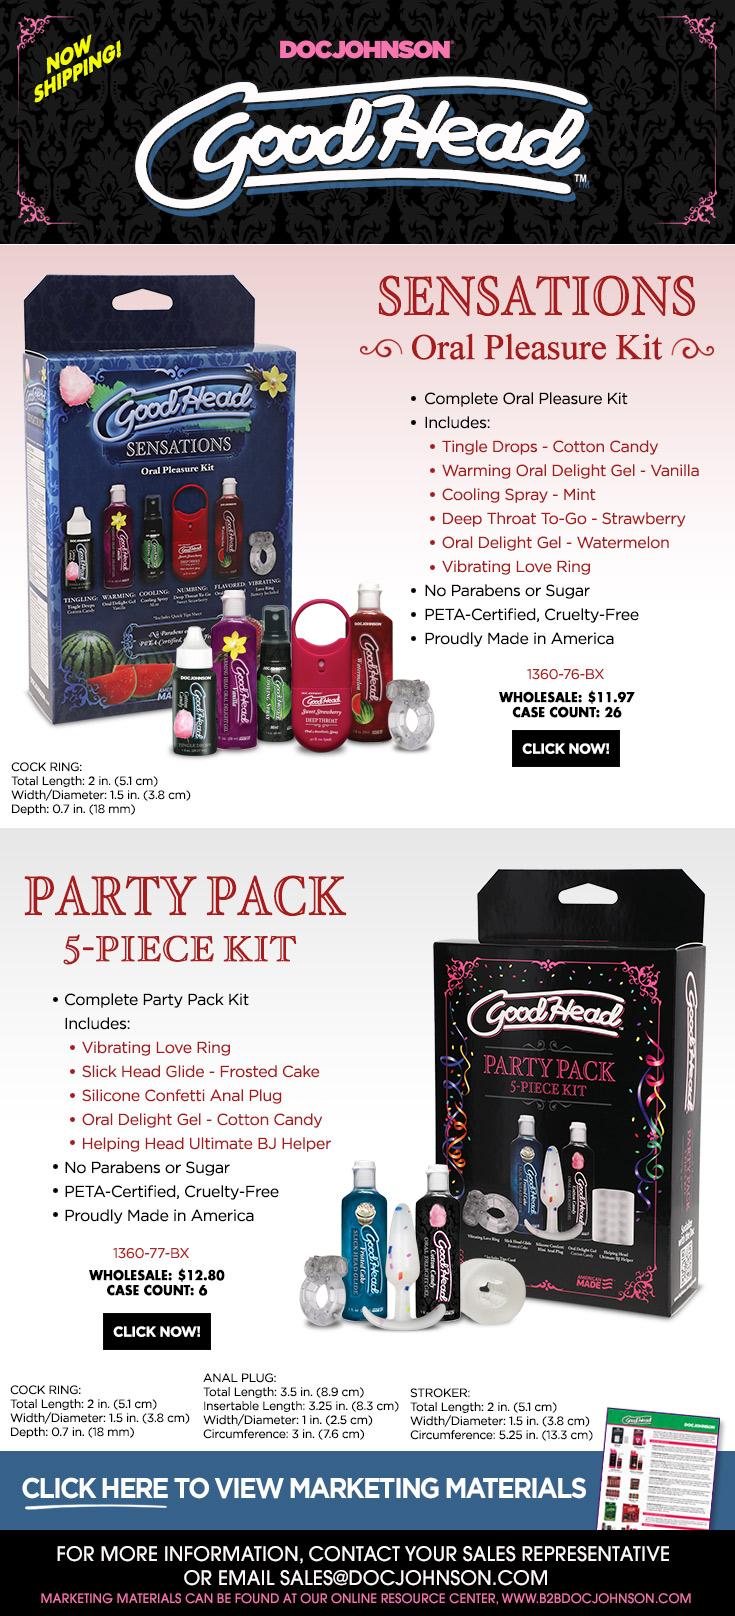 GoodHead Party Kits